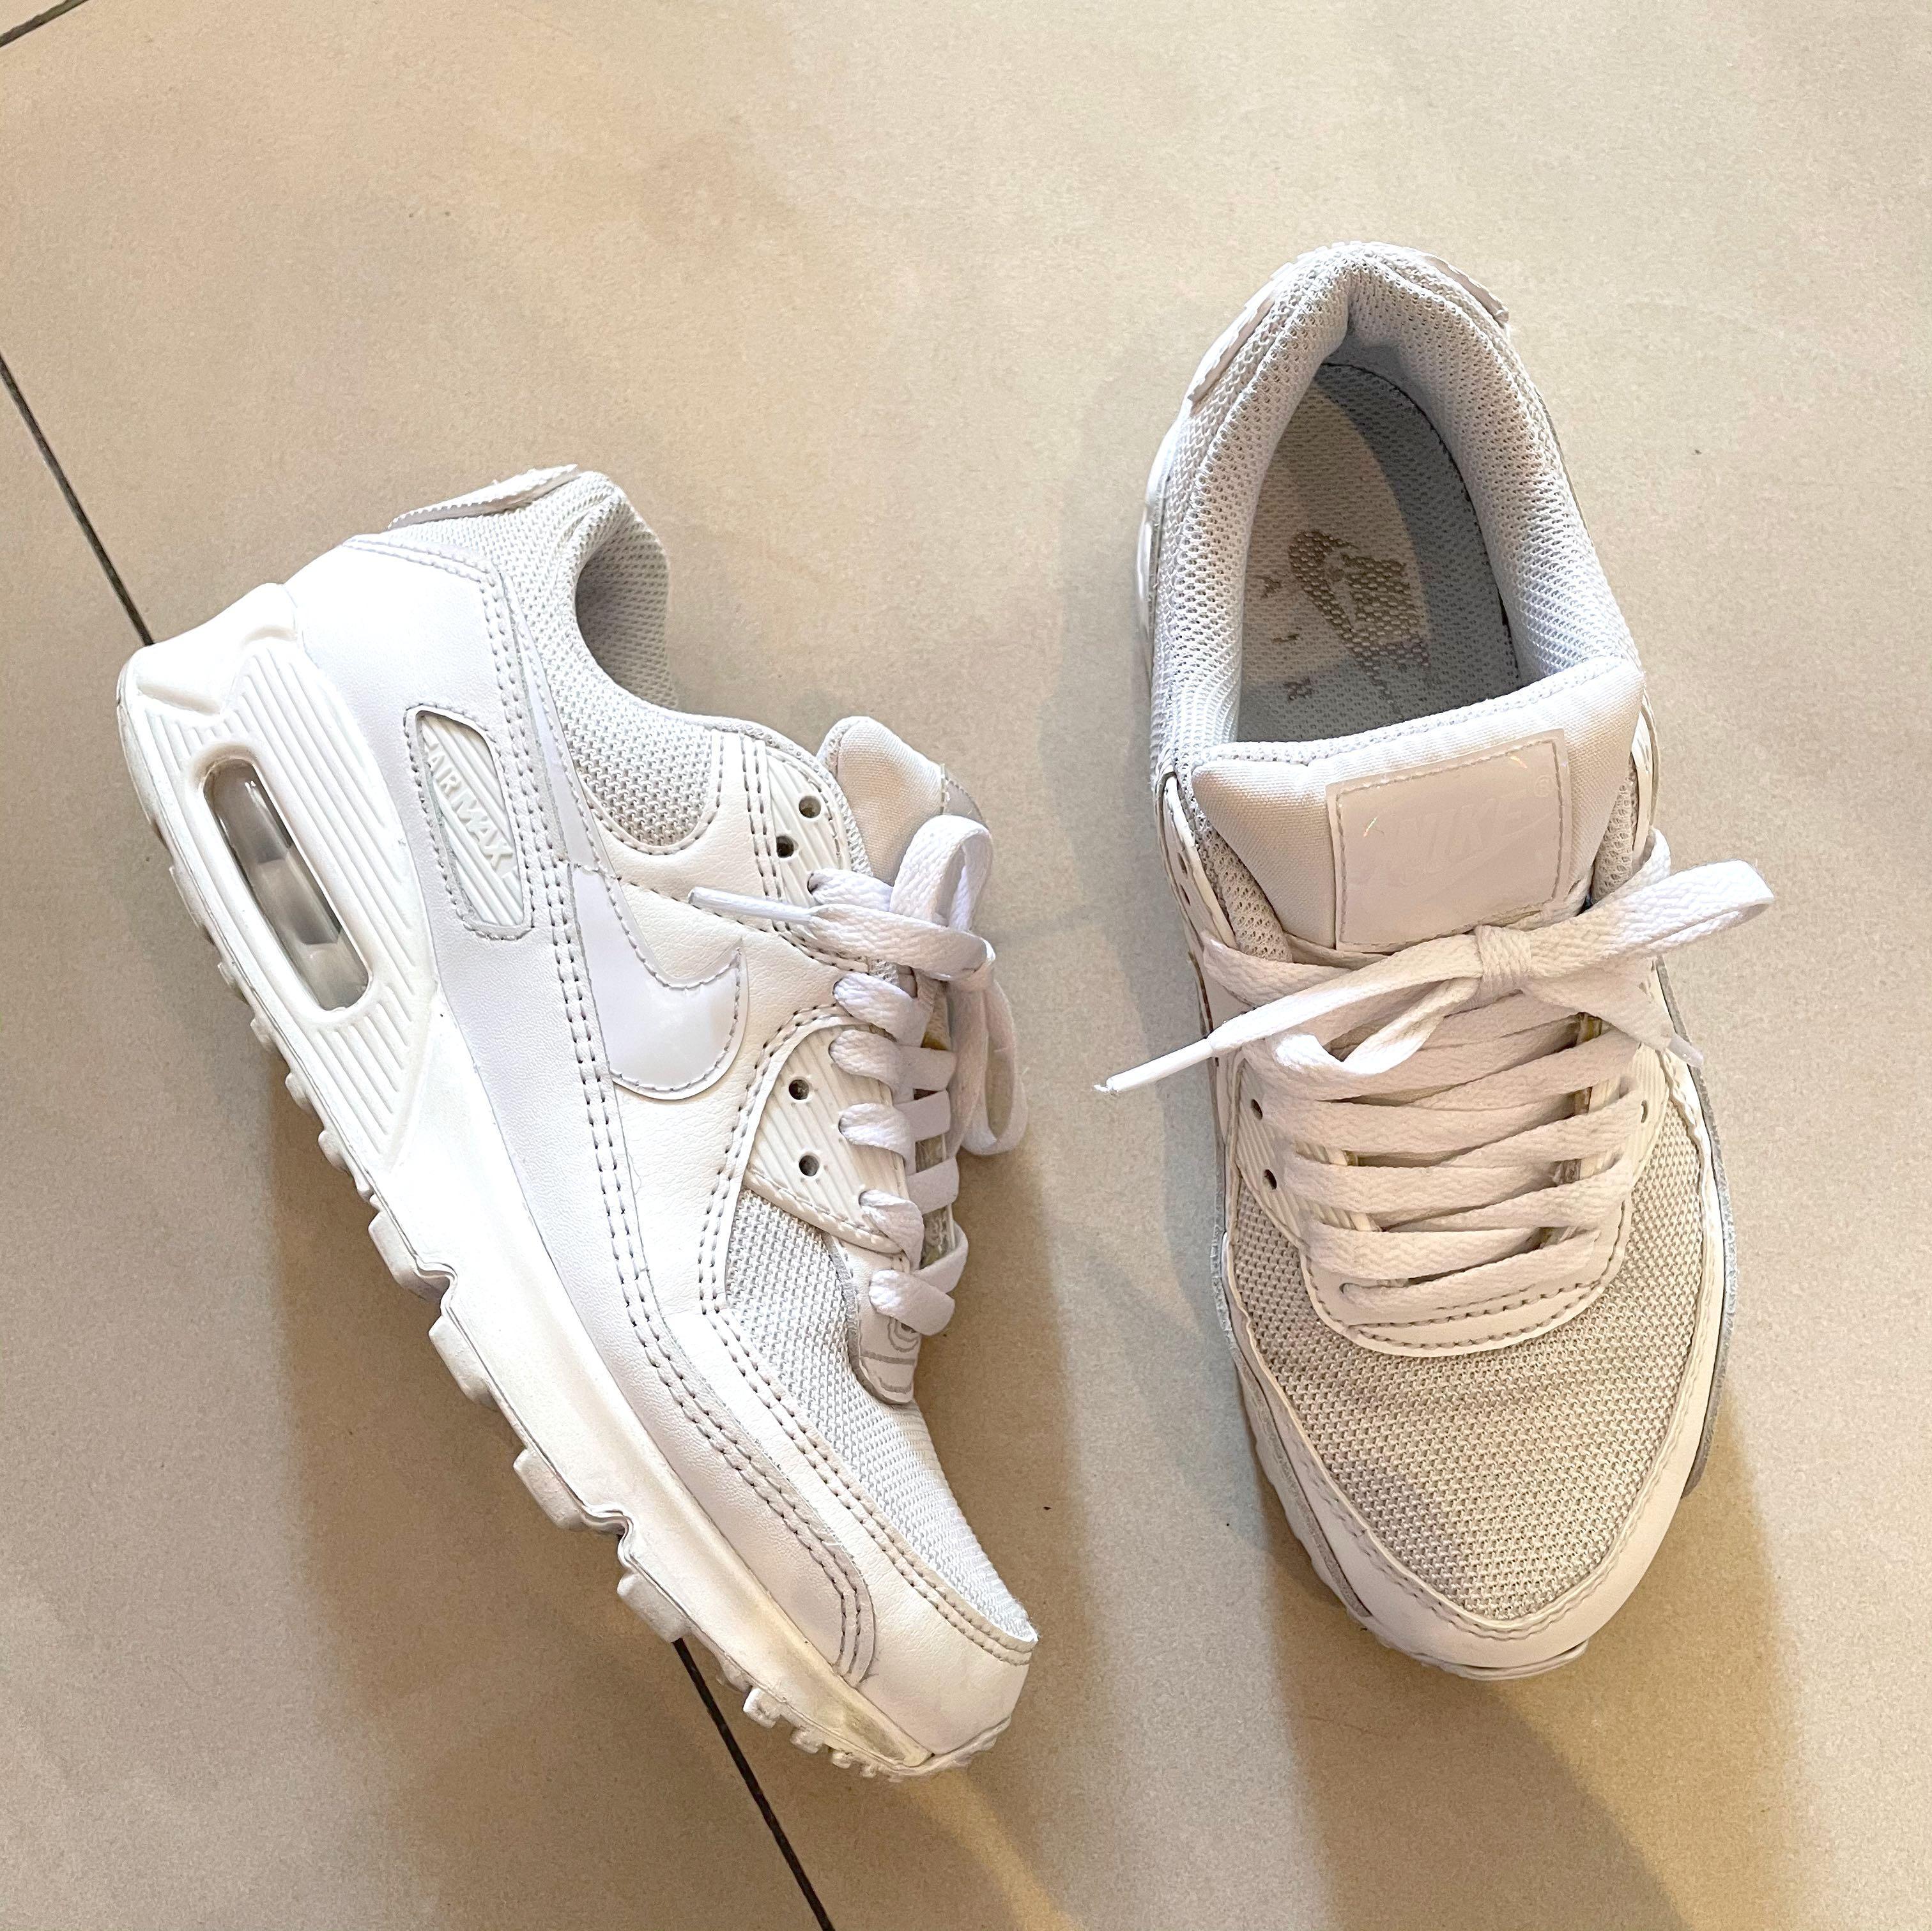 降!二手👉🏾Air Max 90 Twist 運動 女鞋 氣墊 避震 經典 簡約 球鞋 白